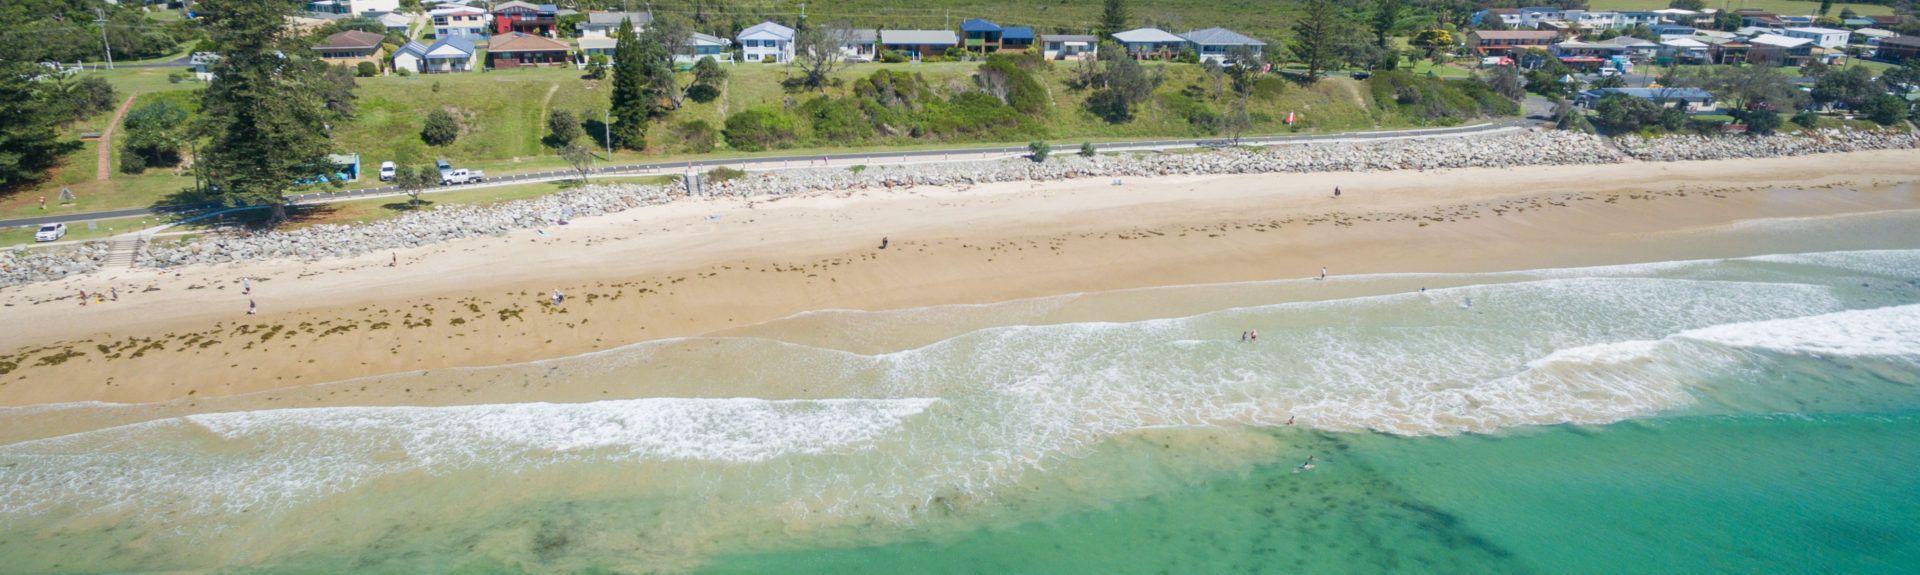 Dolphin Park, Yamba, New South Wales, Australia